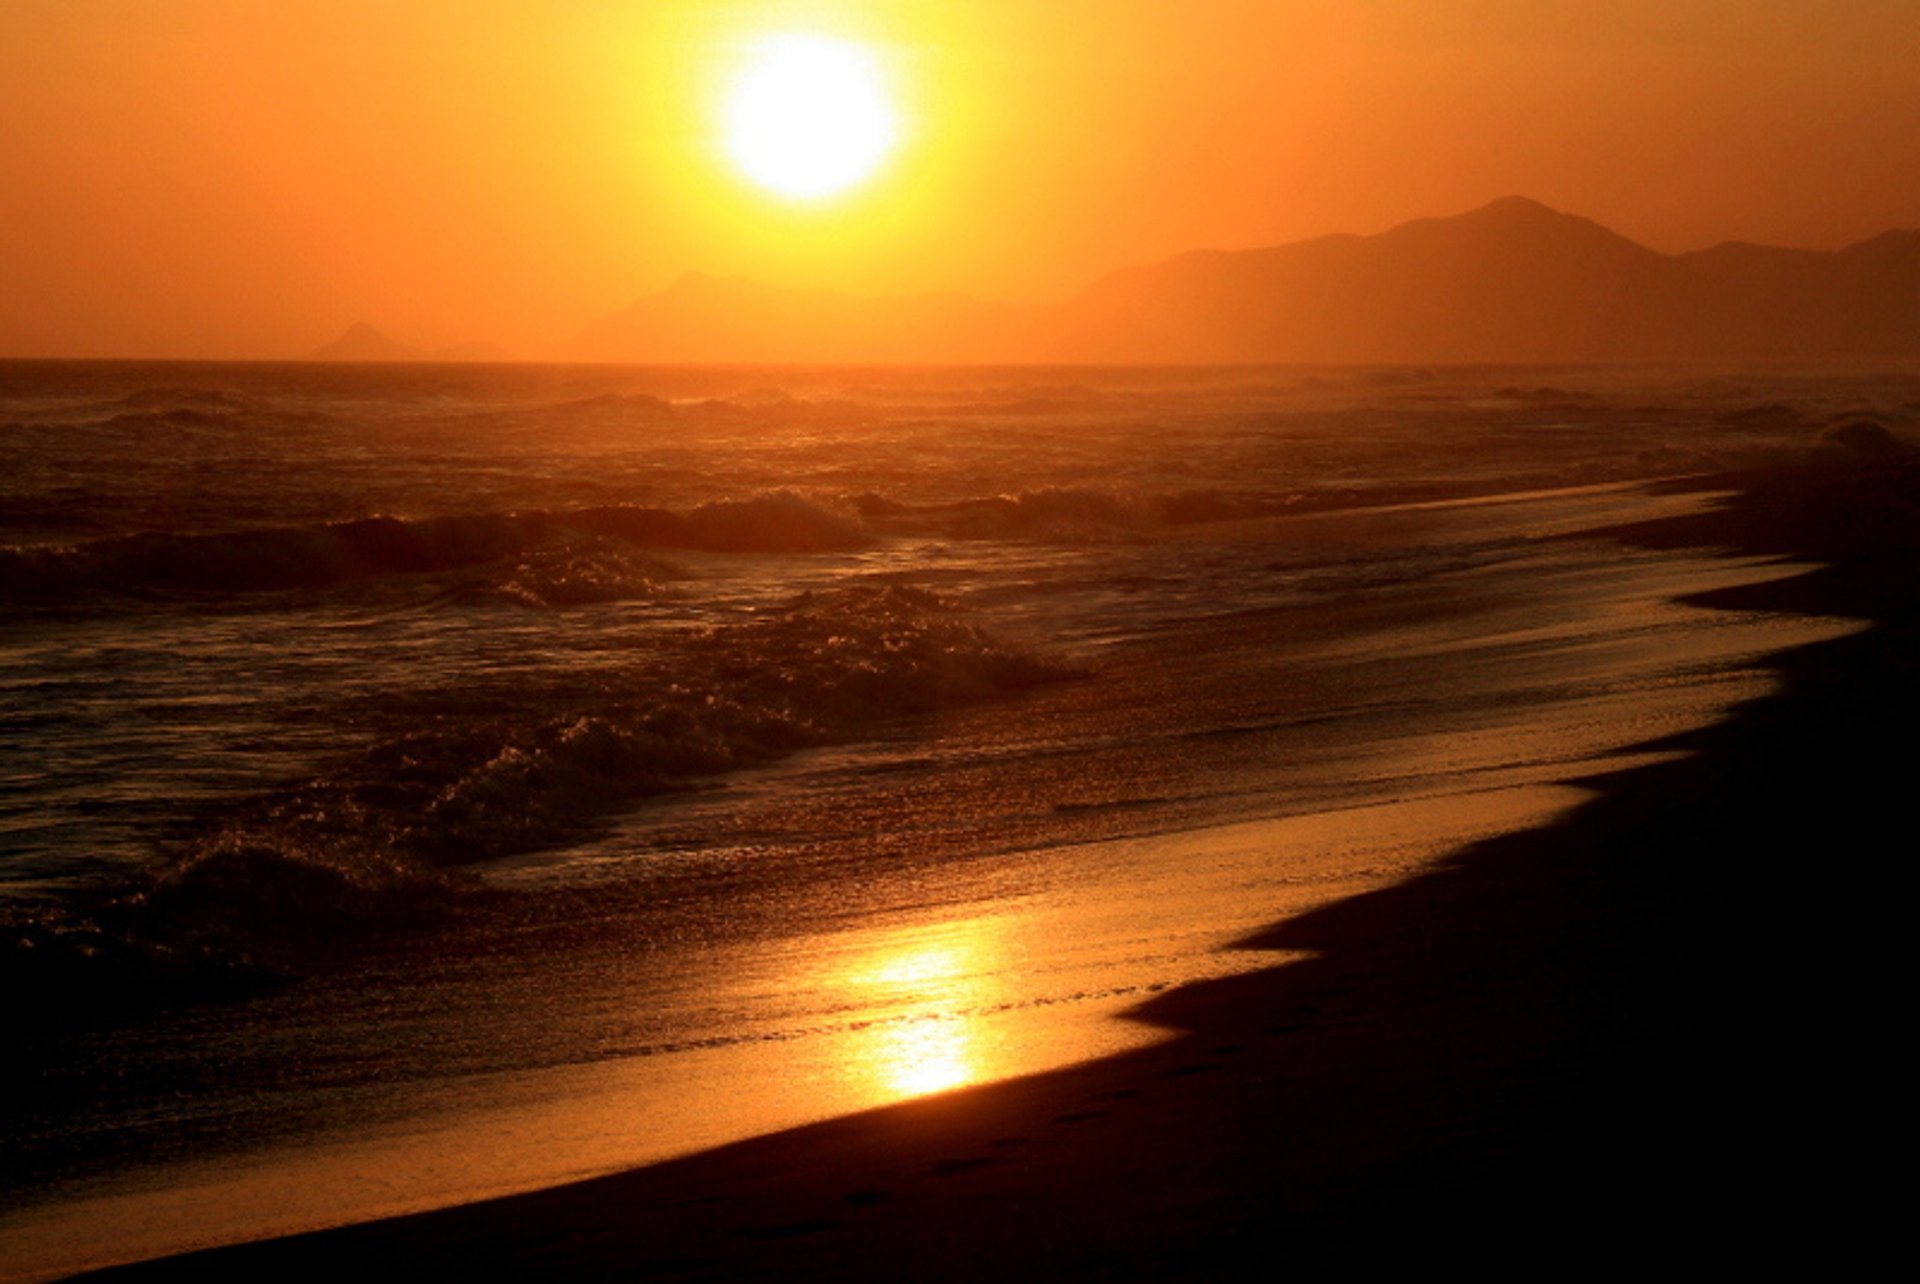 Sunset at Praia da Barra da Tijuca